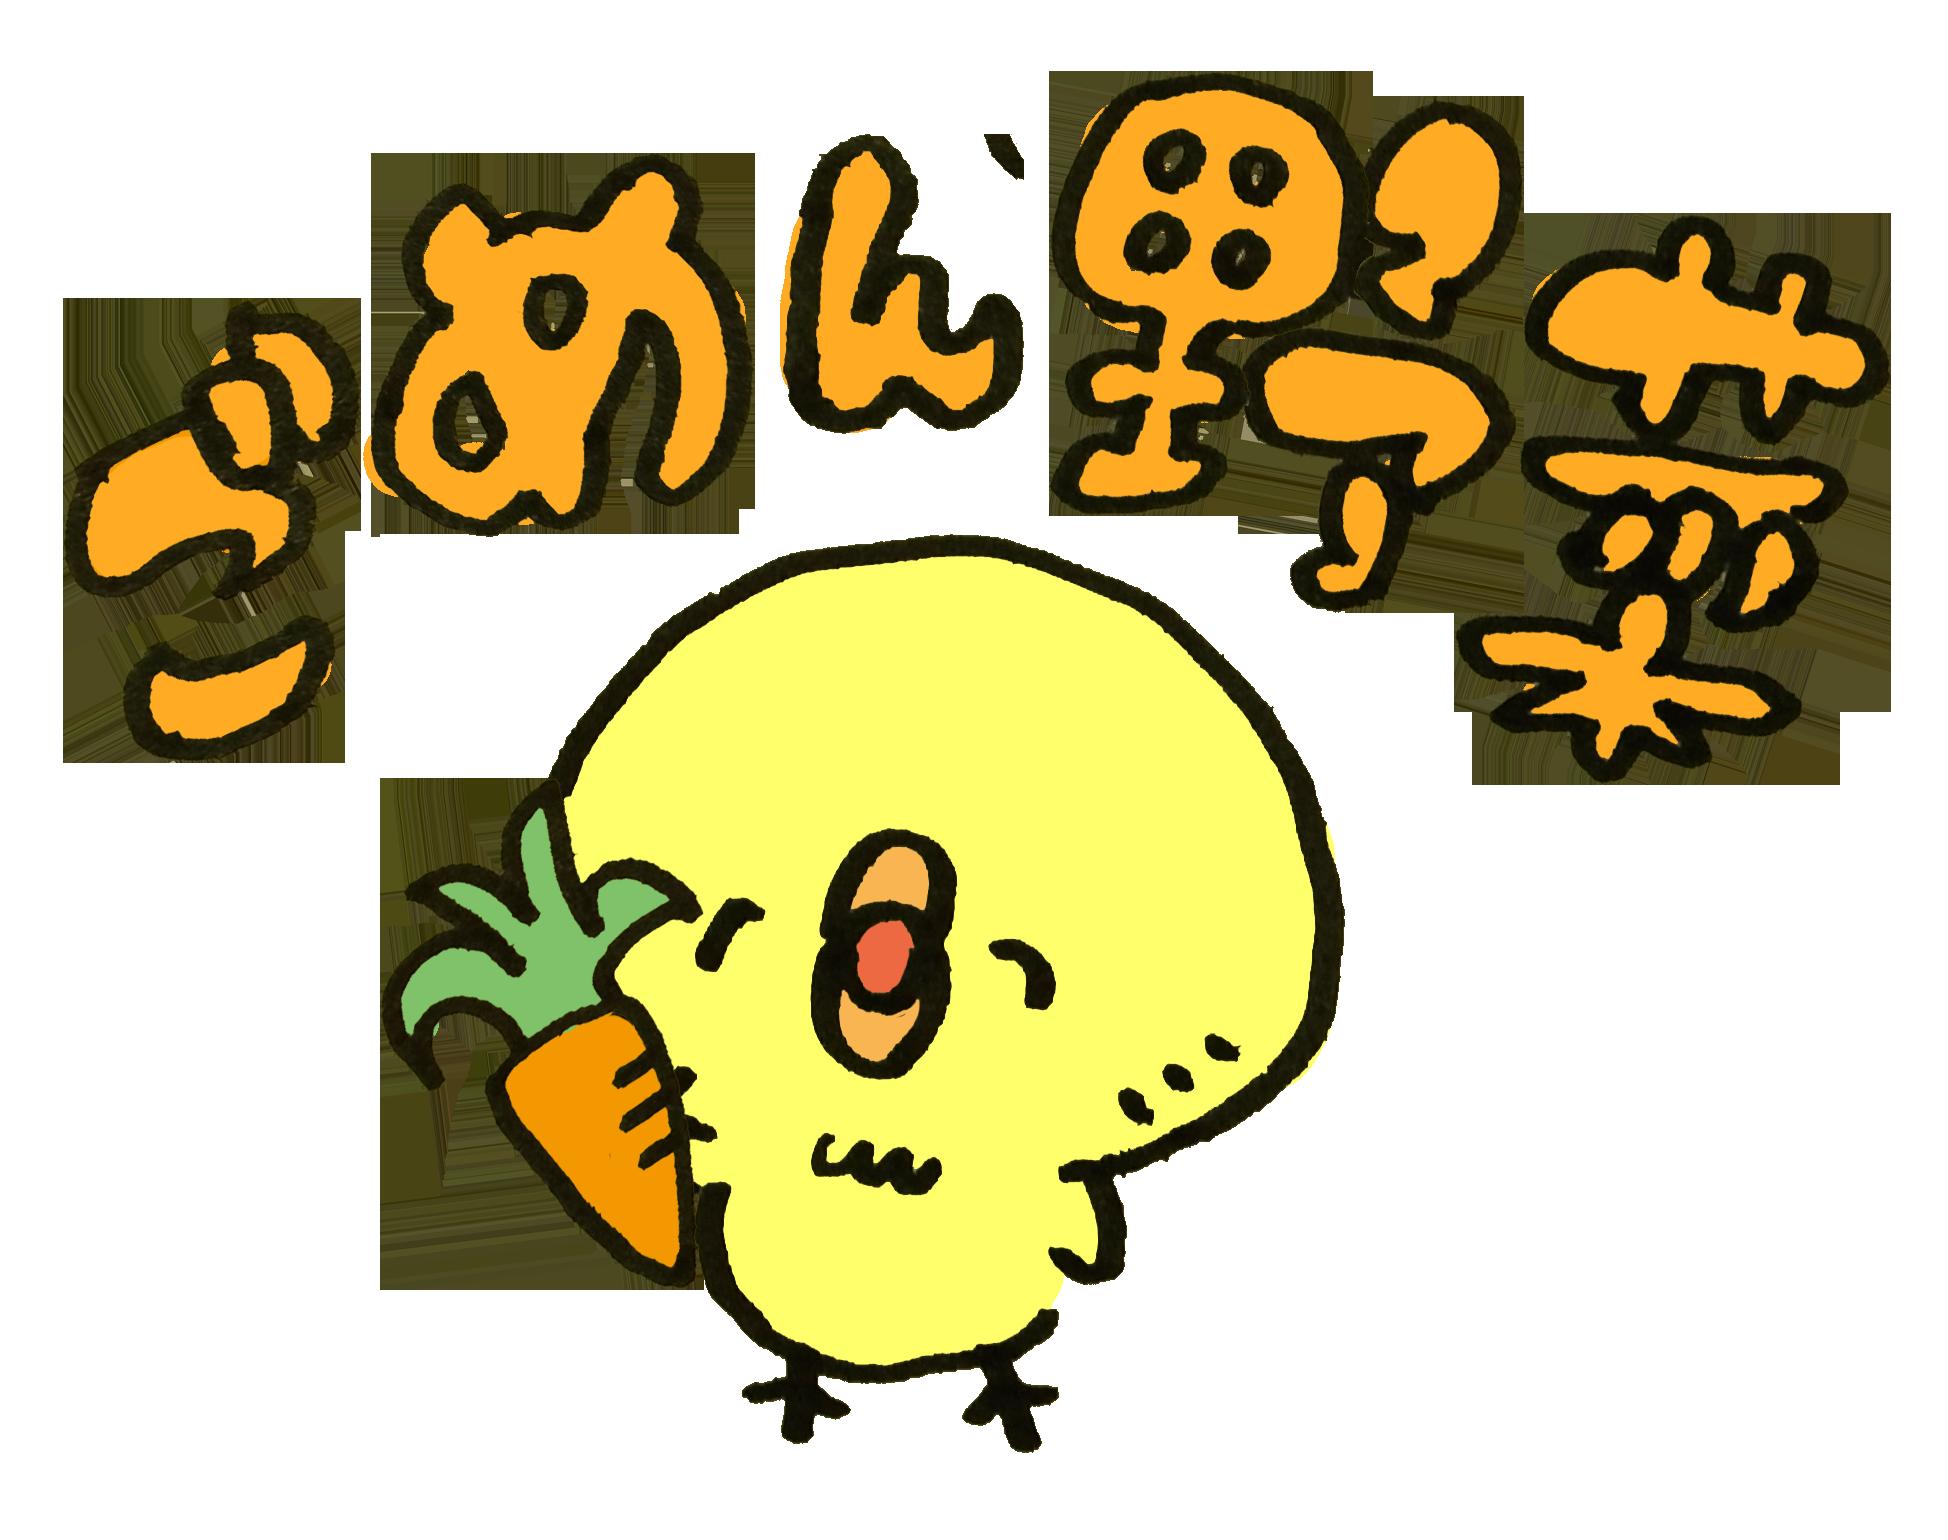 ごめん野菜!とあやまる気があるのか無いのか分からないひよこのイラスト